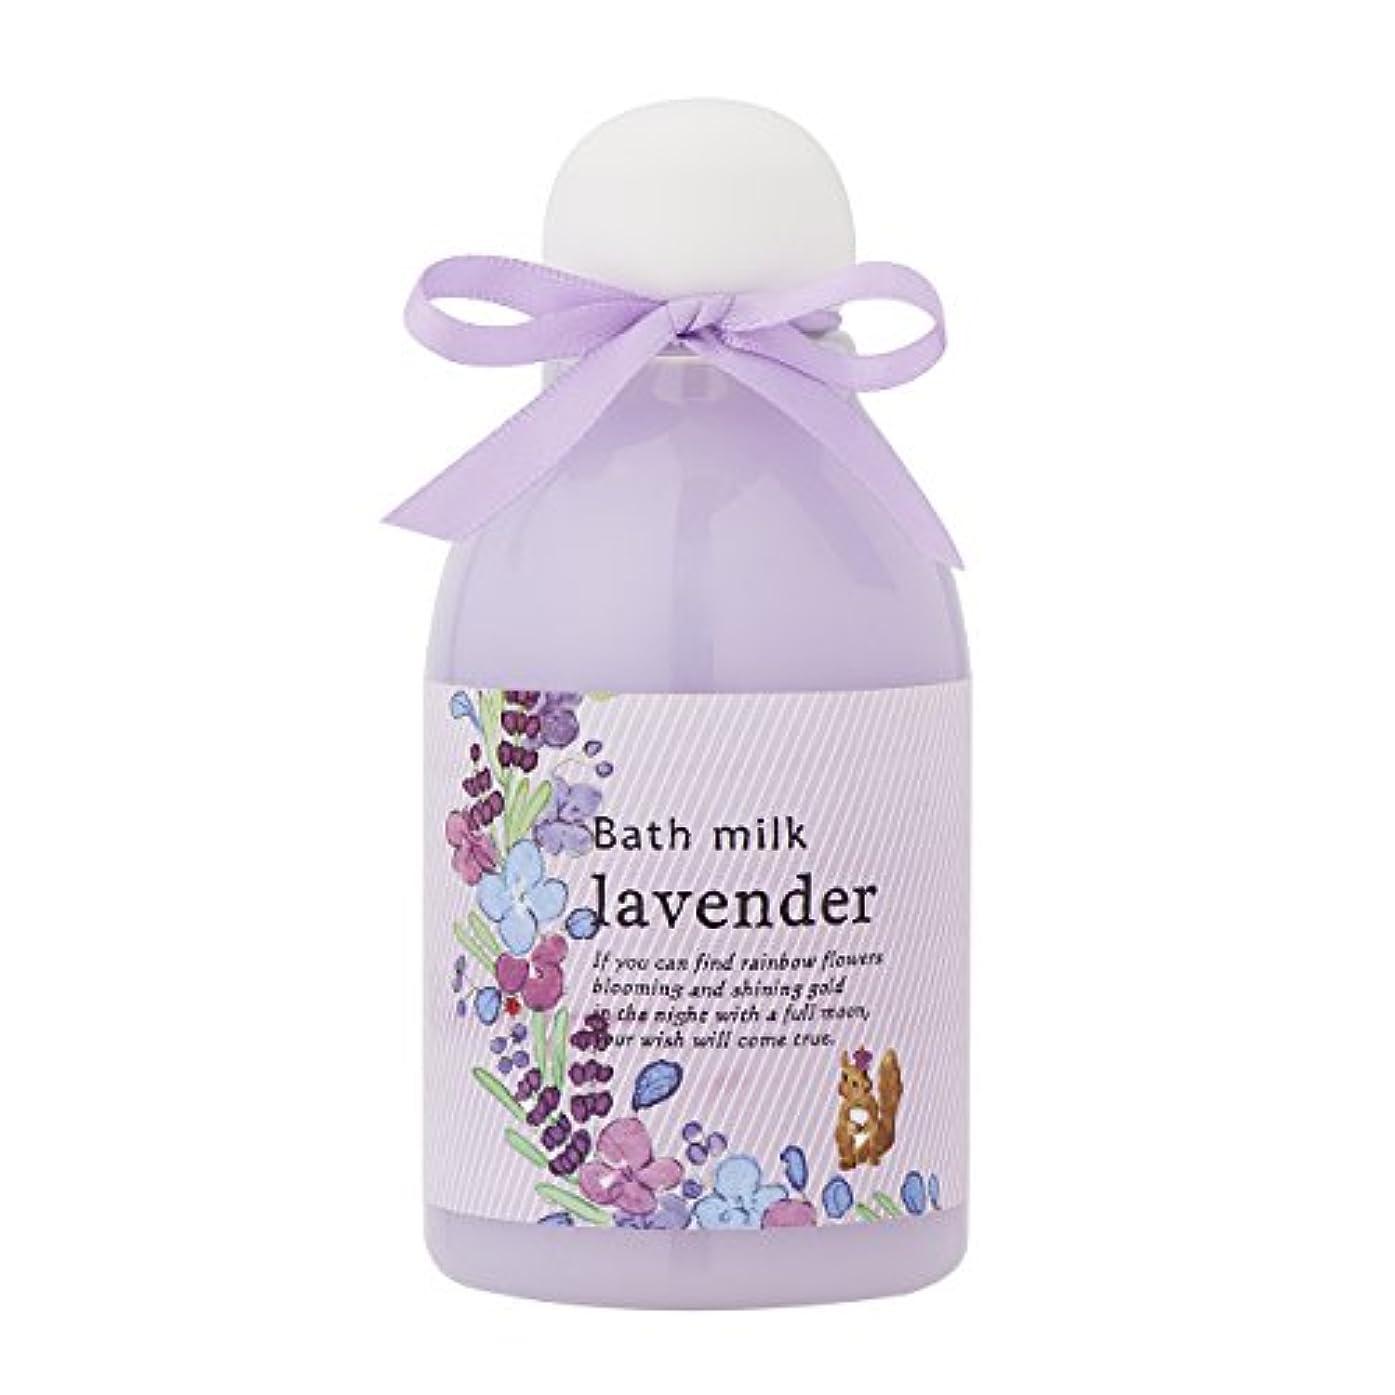 見ました調和のとれたお別れサンハーブ バスミルク ラベンダー 200ml(バブルバスタイプ入浴料 泡風呂 ふわっと爽やかなラベンダーの香り)